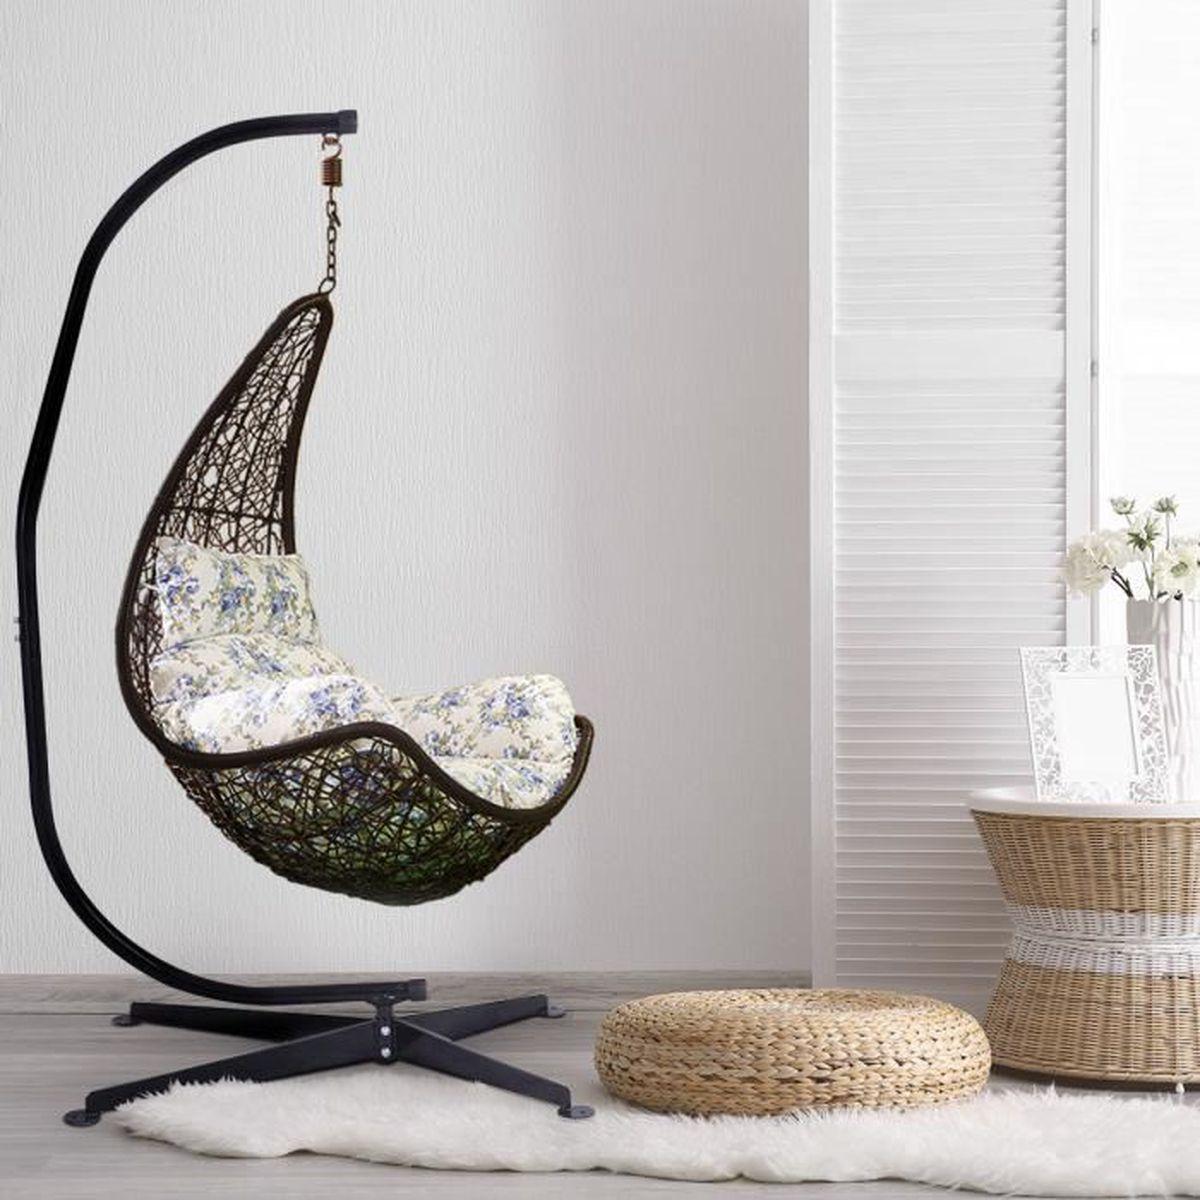 fauteuil suspendu interieur achat vente pas cher. Black Bedroom Furniture Sets. Home Design Ideas